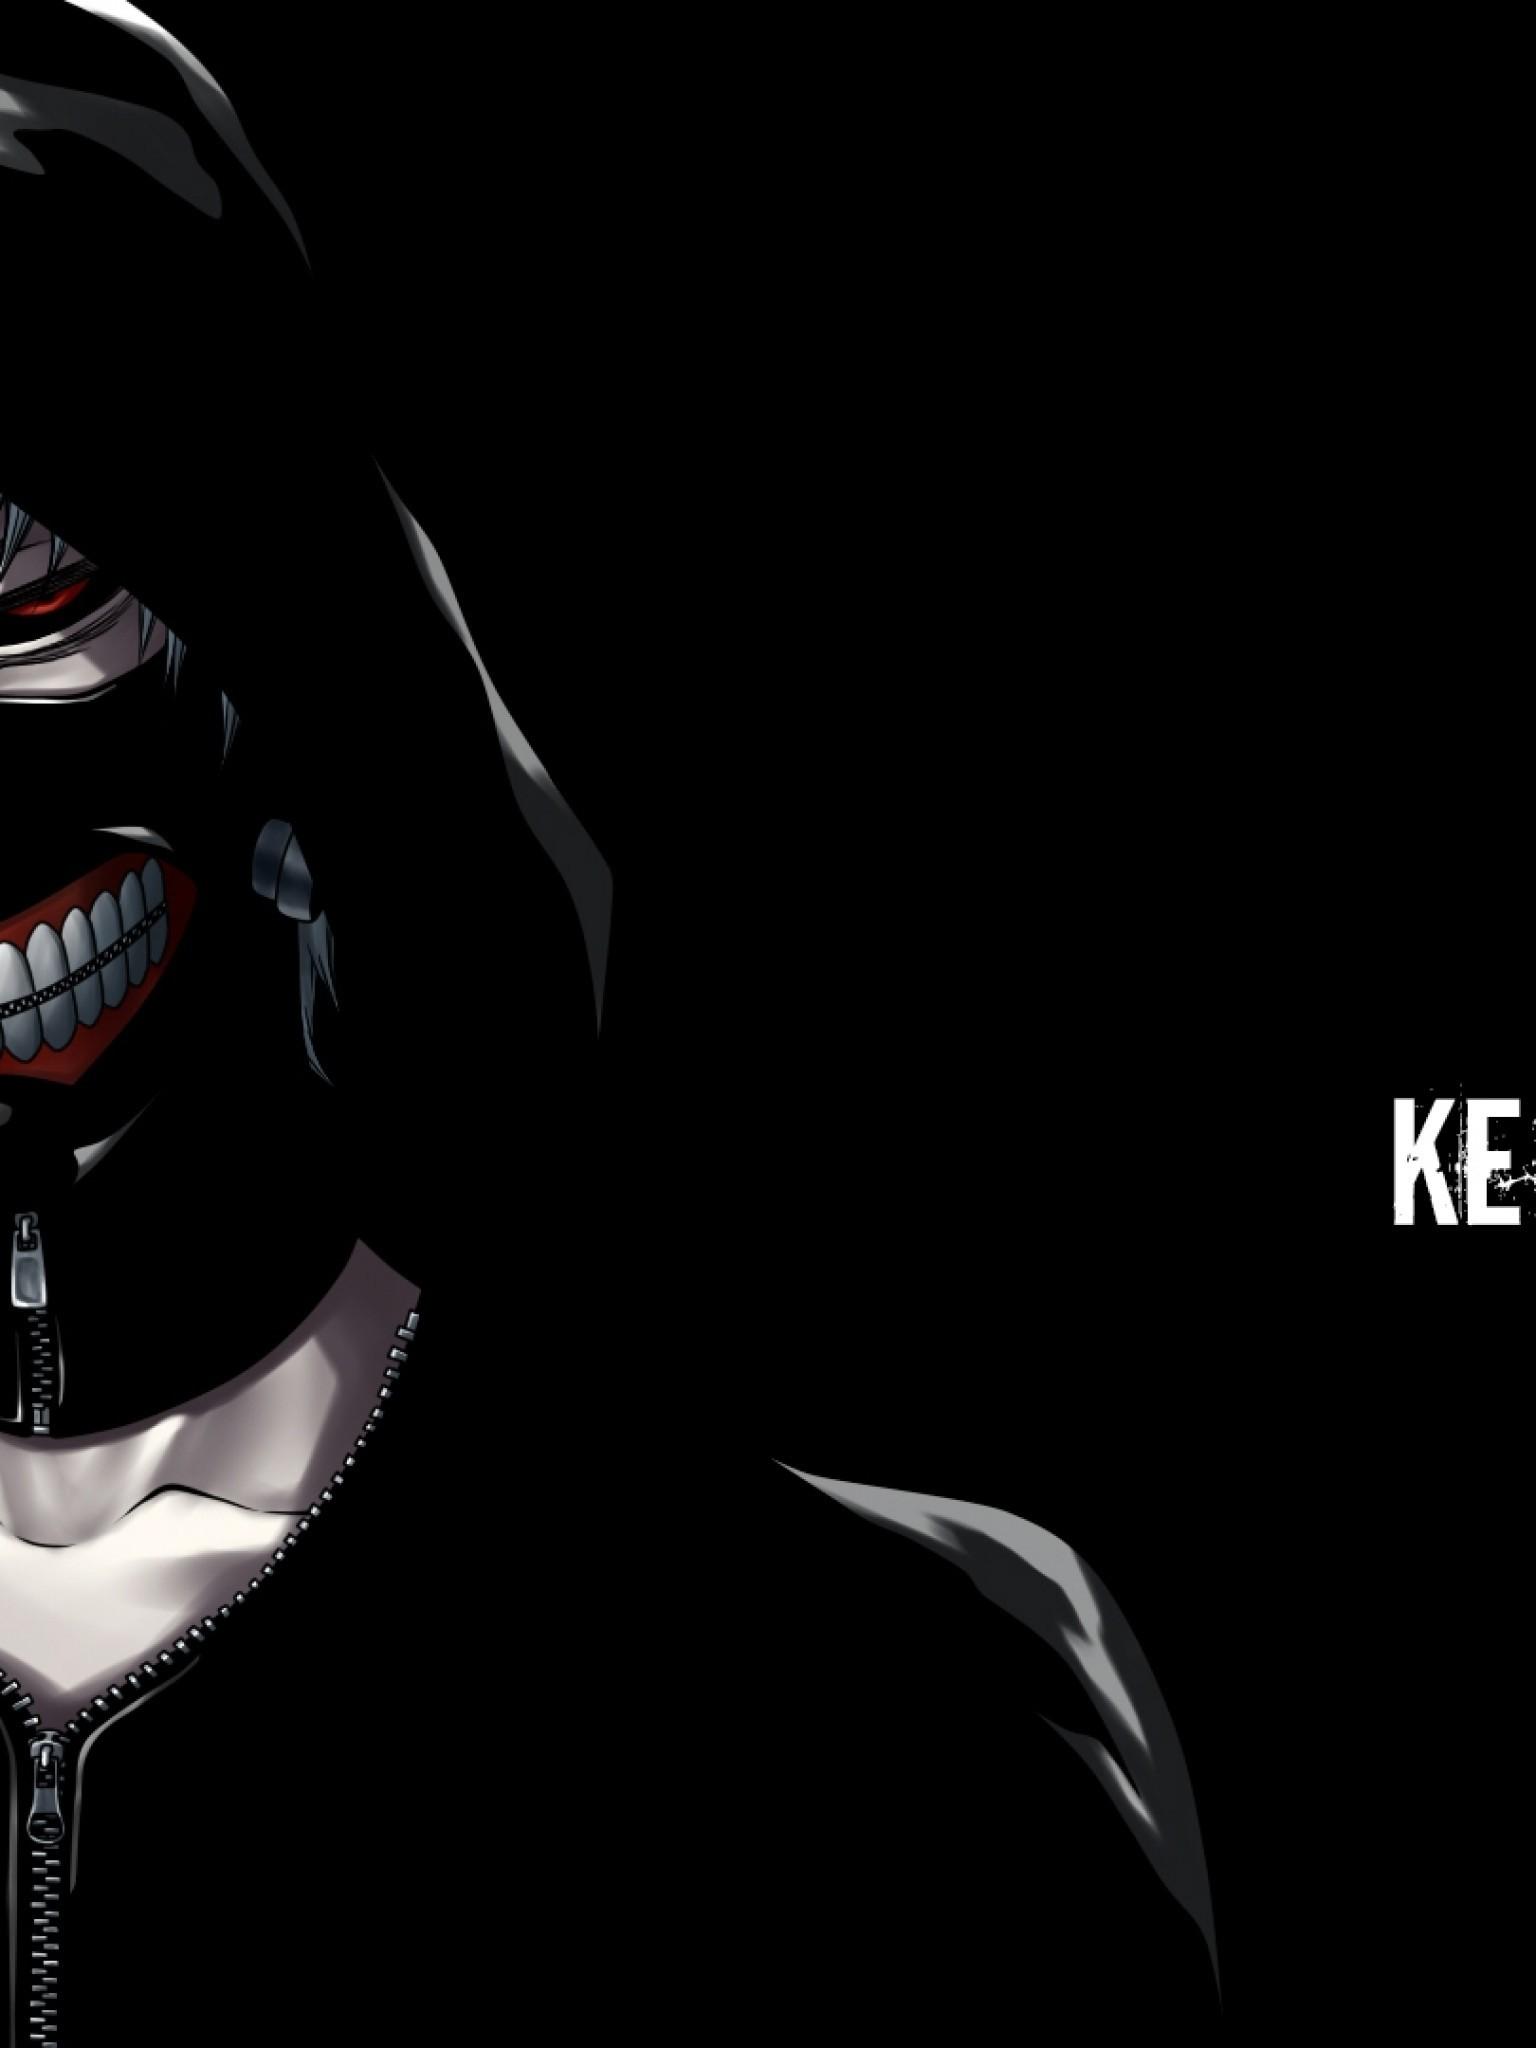 Ken Kaneki, Hoodie, Mask, Transform, Tokyo Ghoul